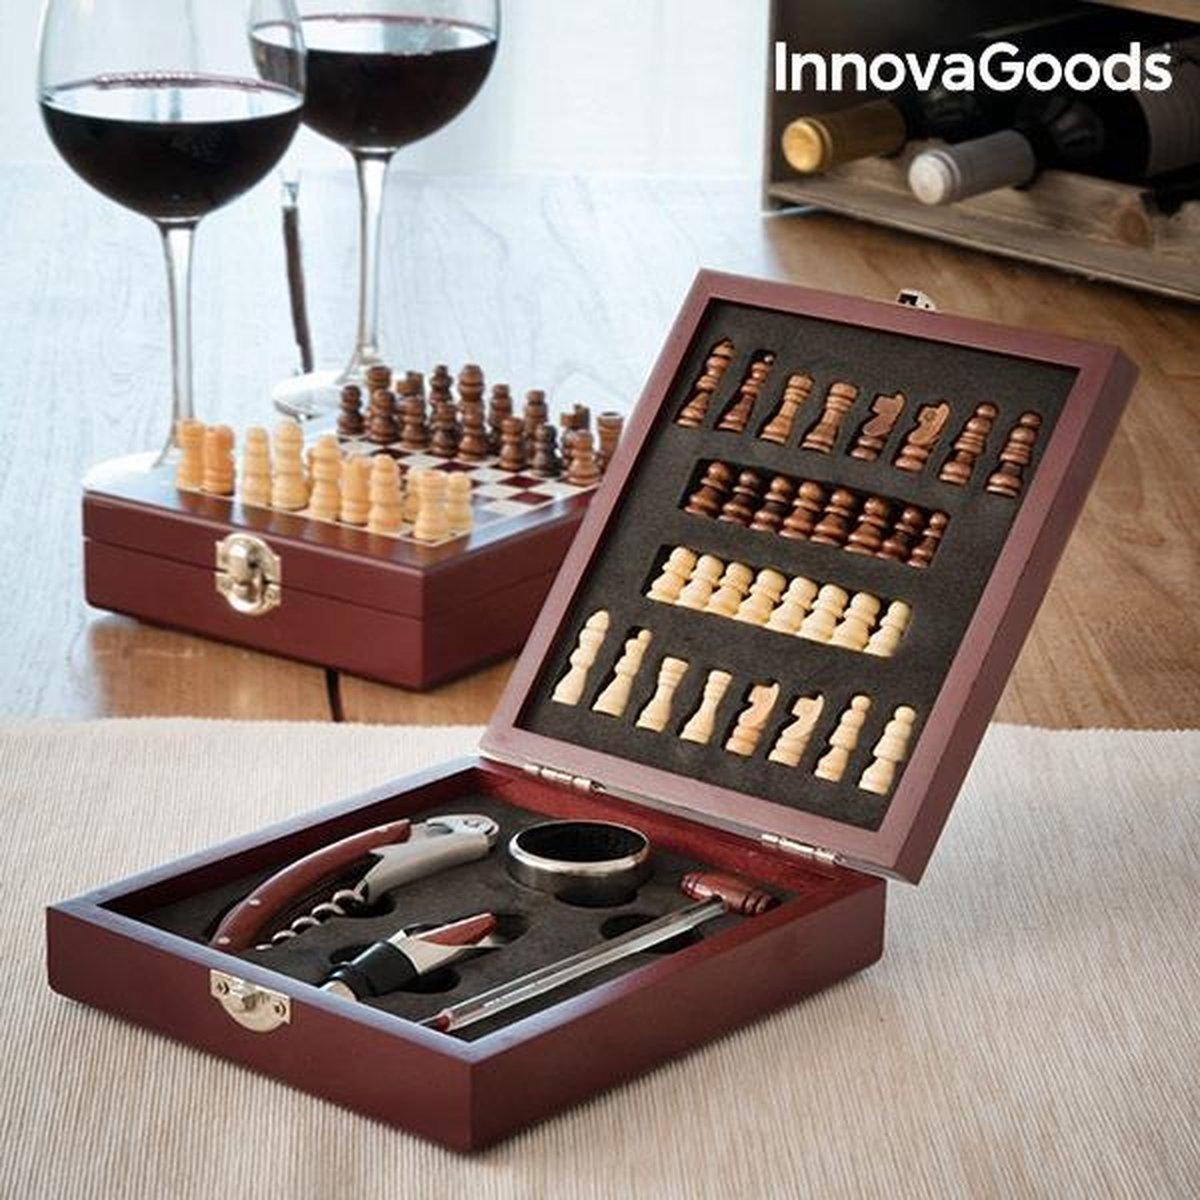 WIJN- EN SCHAAKSET (37 STUKS) en wijnfles sluiter - Kurkentrekker - Wijnopener - Flessenopener - Wijnaccessoires Set 9 in 1 - Wijntopper - Wijnpomp - Schaakbord - Schaken - Cadeautip